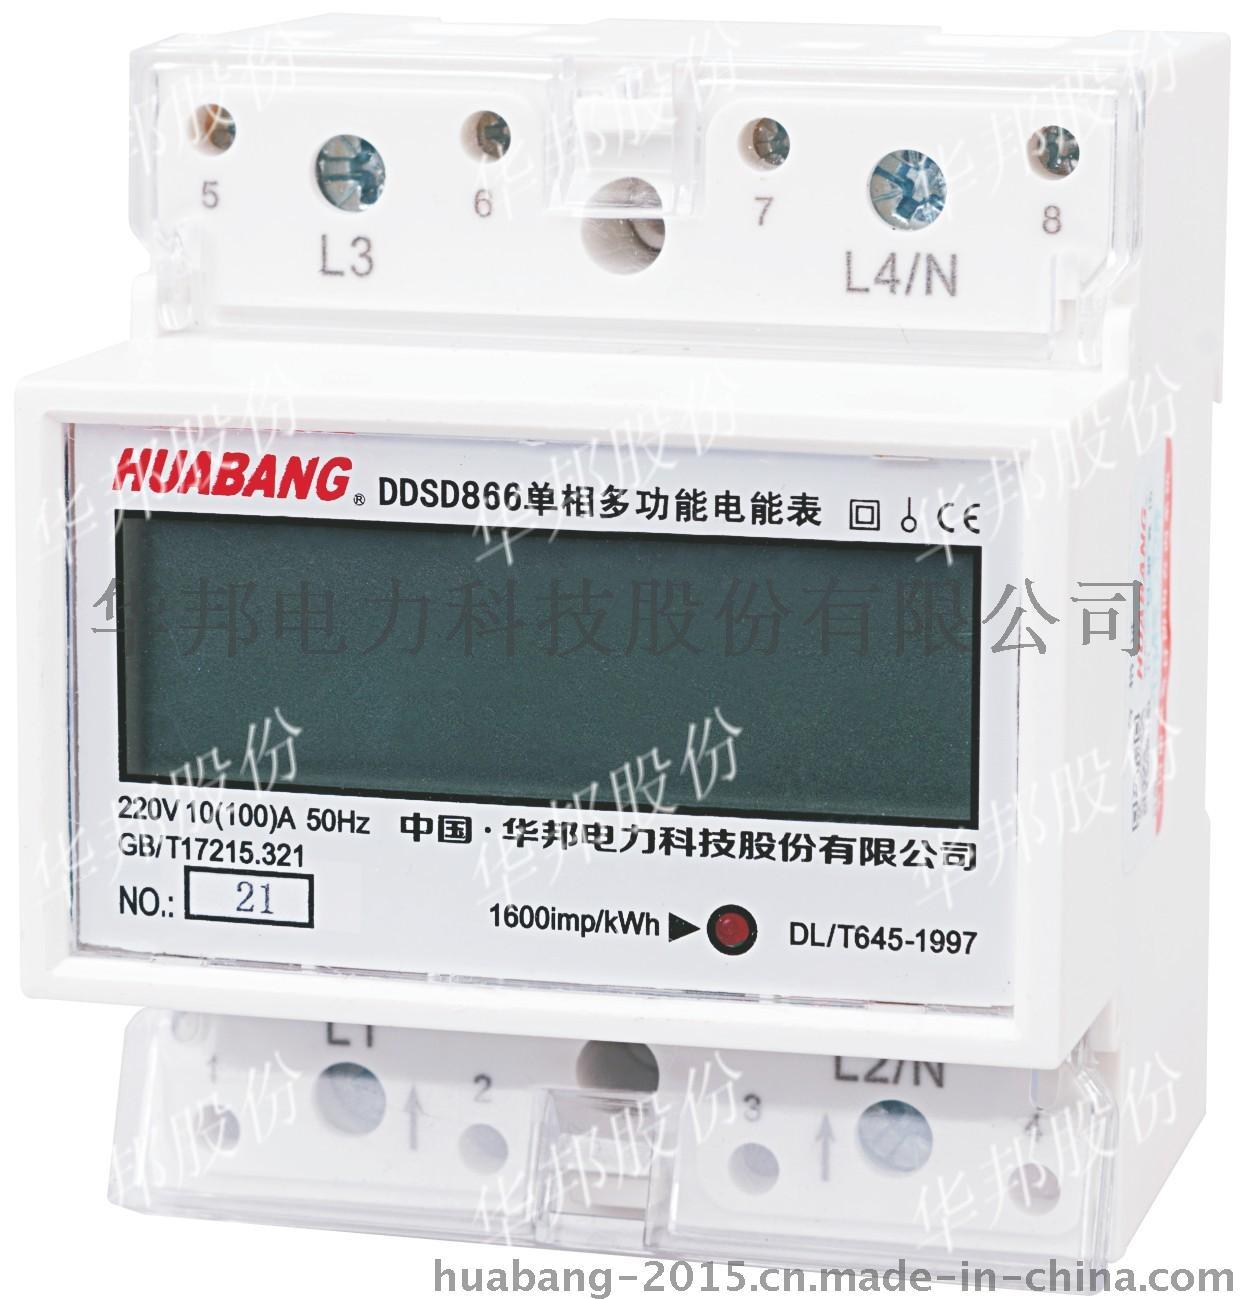 华邦DDSD228型单相电子式电能表全功能684574735